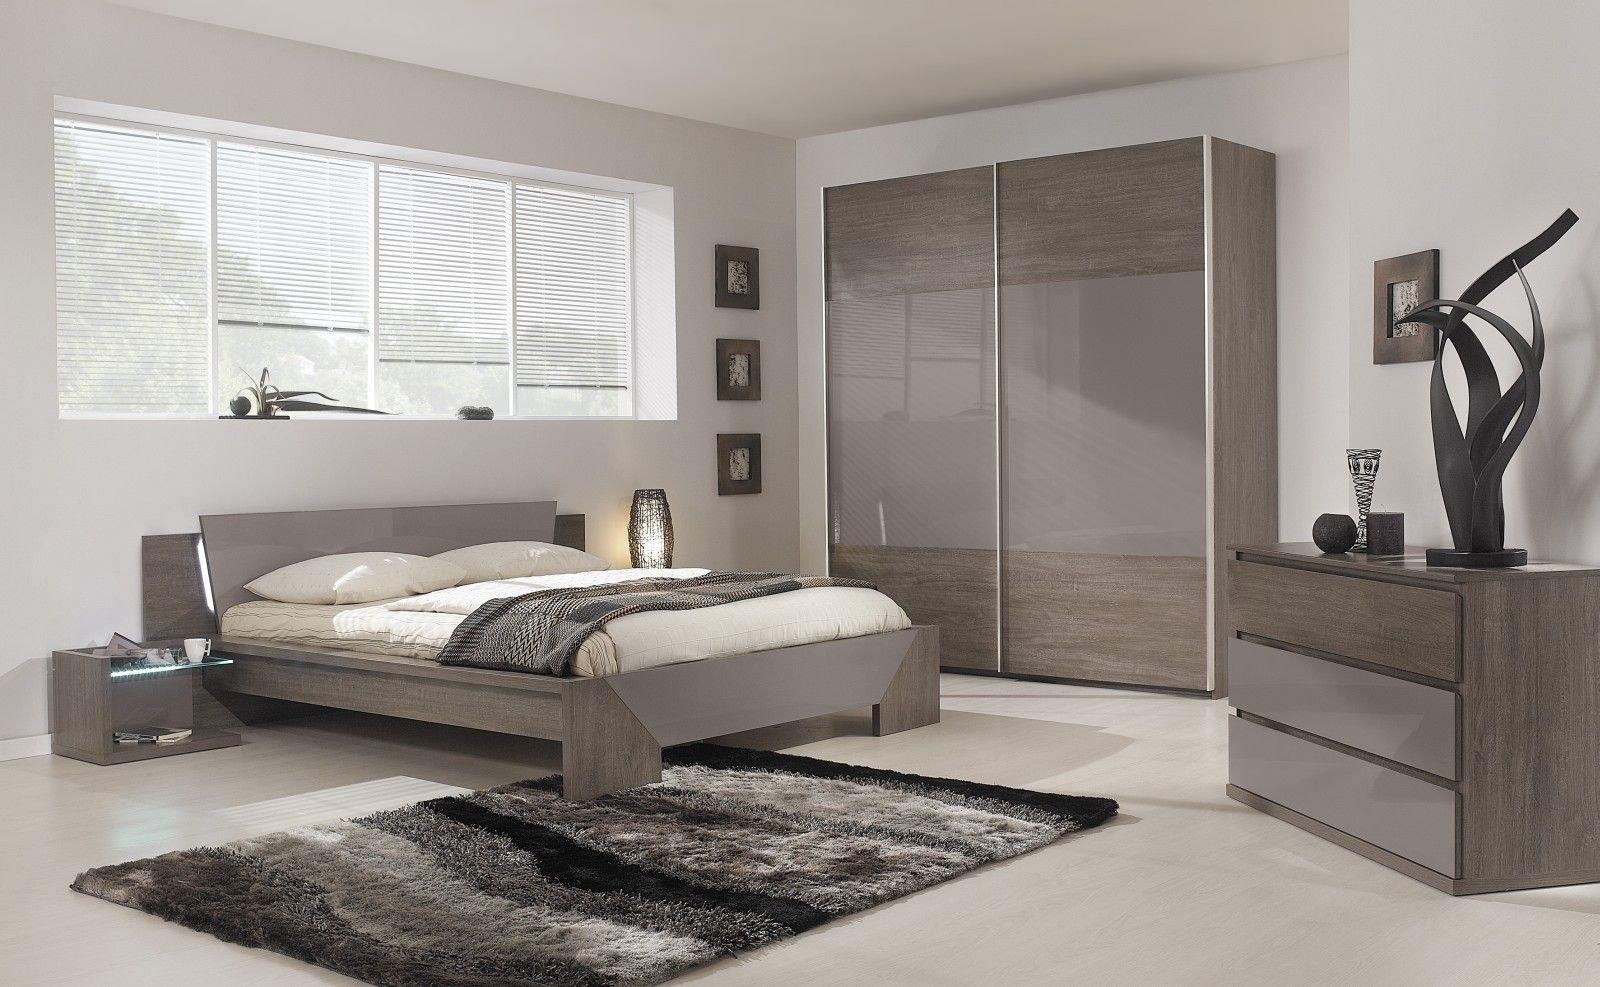 15 Shades Of Grey Bedroom Furniture Design Modern Bedroom Furniture Contemporary Bedroom Design